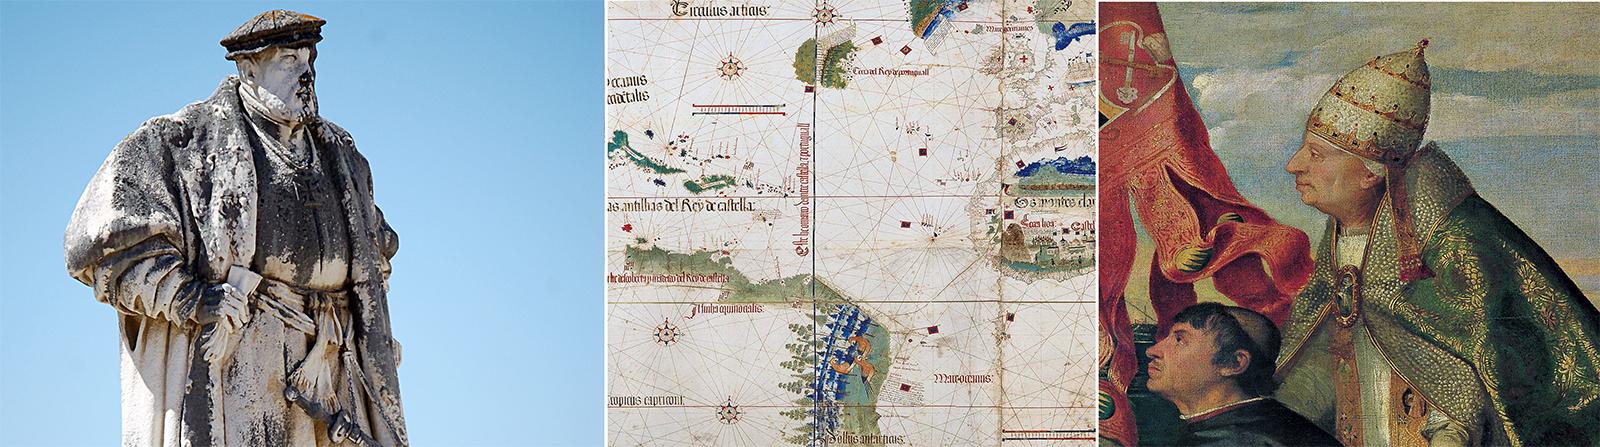 König Johann II von Portugal, Ausschnitt einer historischen Karte und Papst Alexander VI.  auf einem Gemälde von Tizian